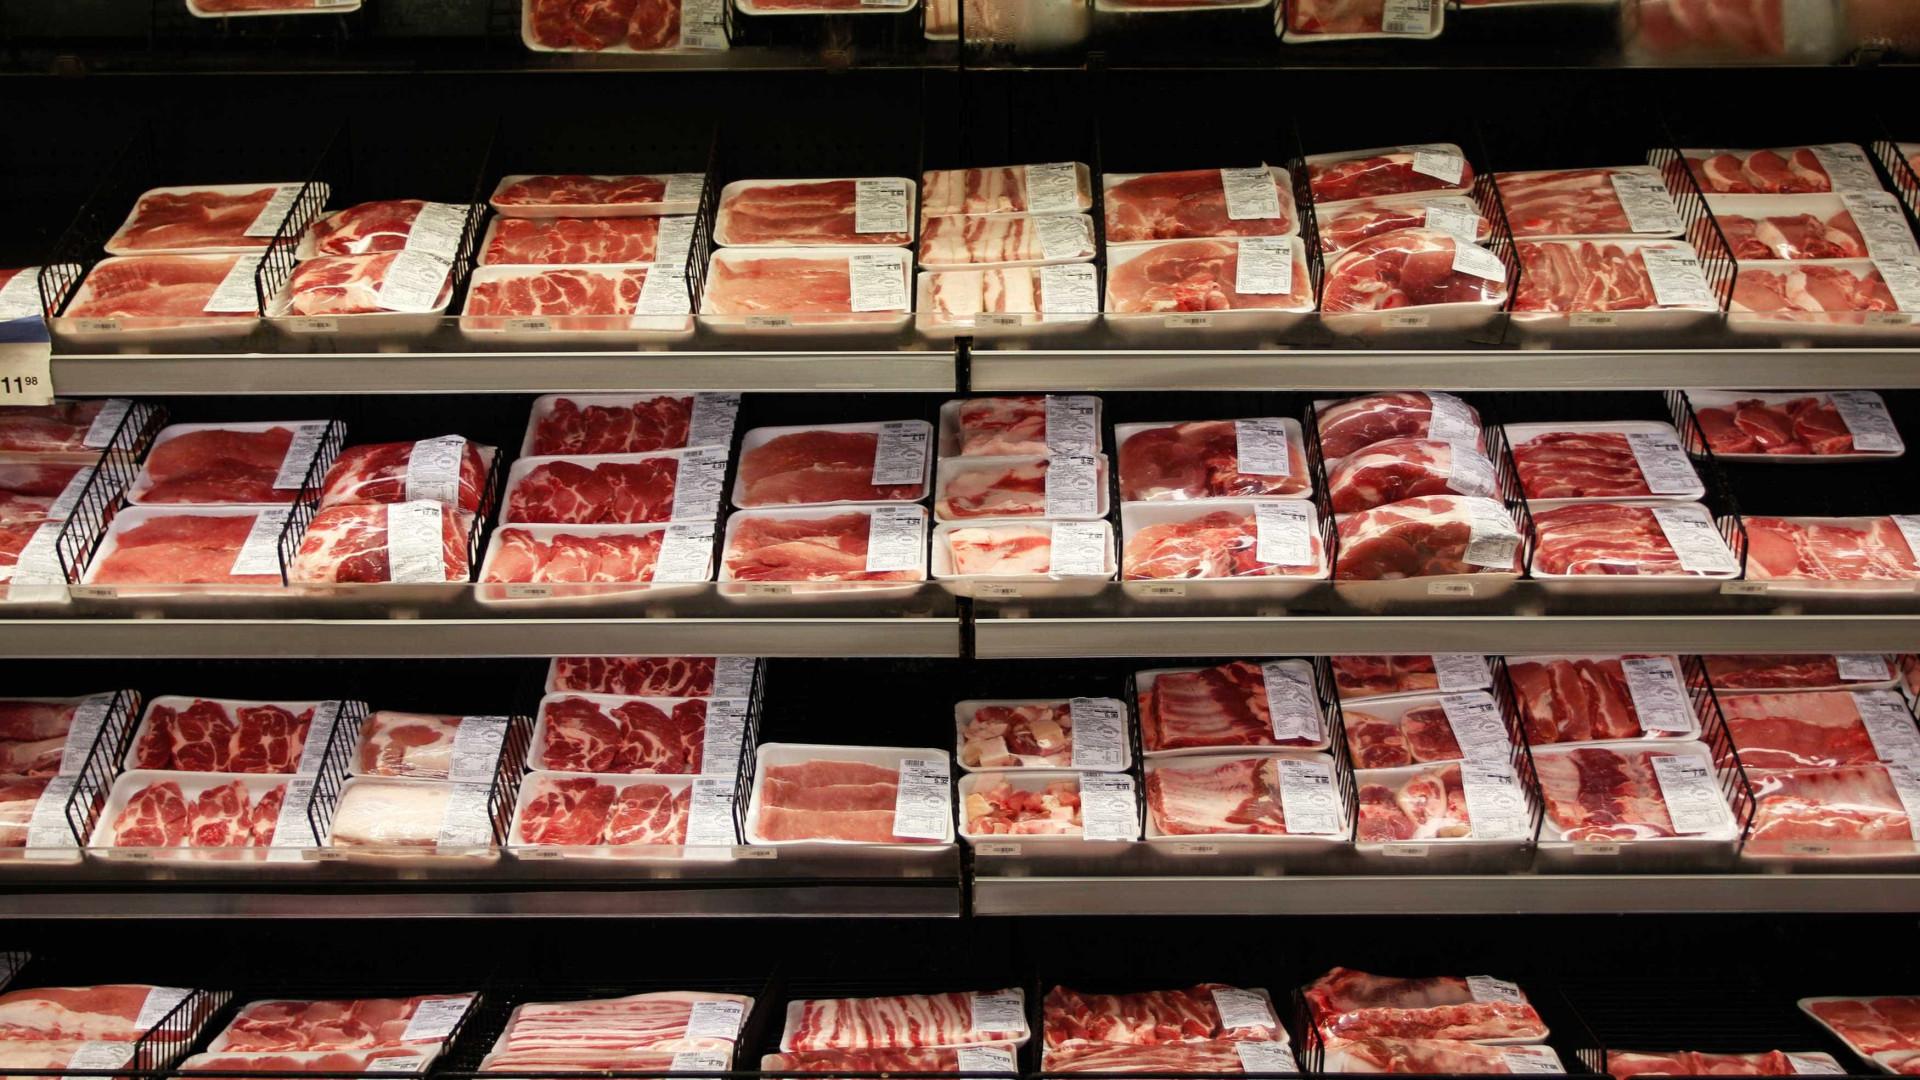 6 passos para escolher a carne certa no mercado